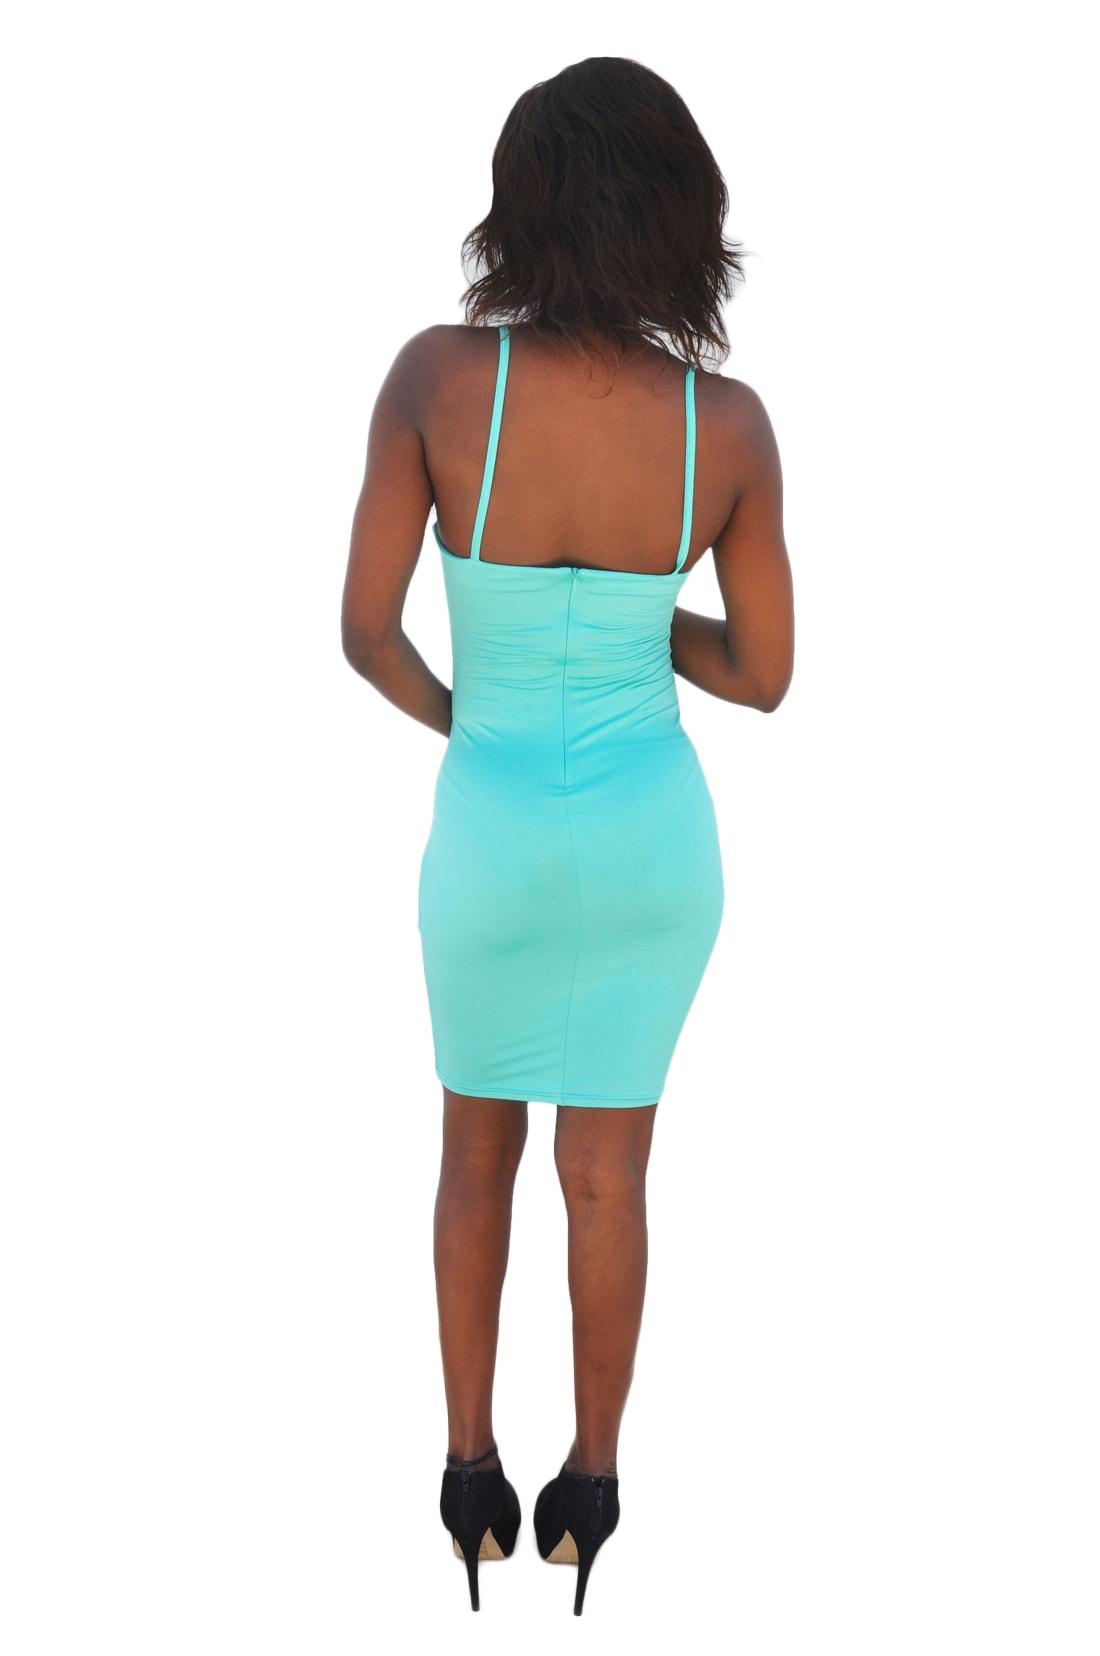 M0208 green3 Midi Medium Dresses maureens.com boutique